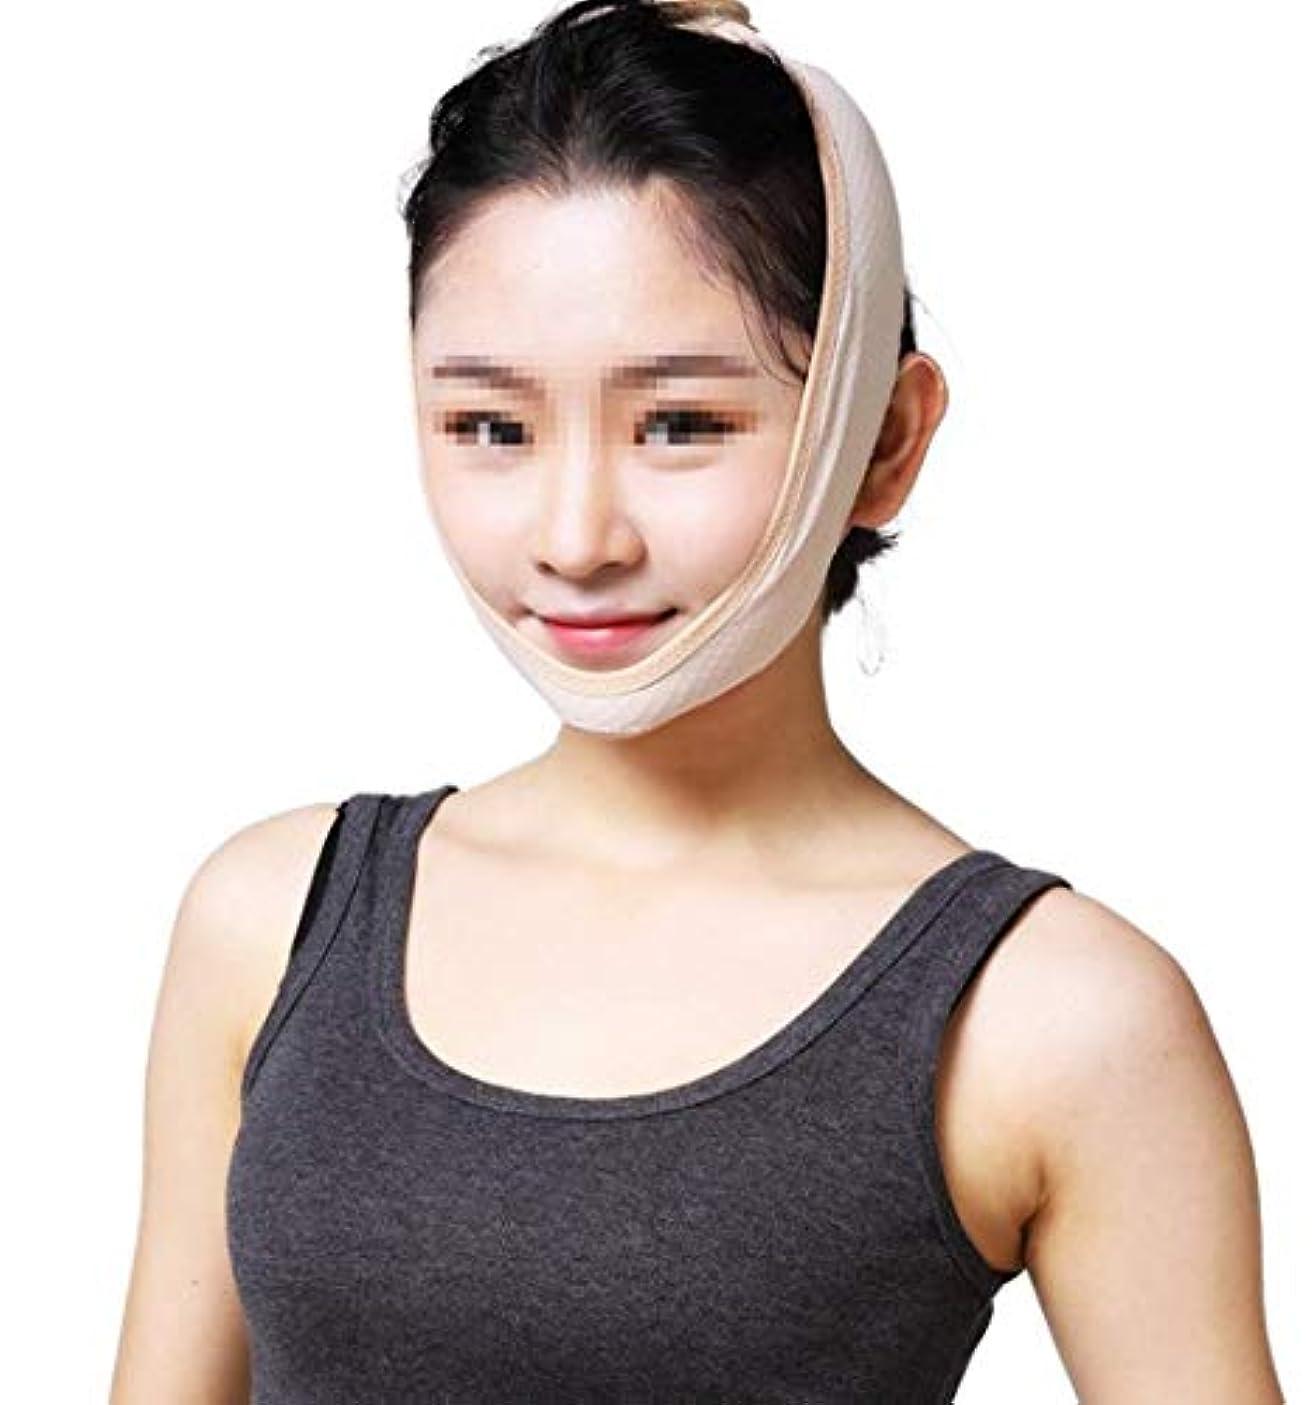 光のカウントアップ太陽顔を持ち上げる包帯、口を開けて眠るのを防ぐための女性の通気性のいびきベルトいびきアーティファクトアンチあごの脱臼の修正包帯のいびき装置